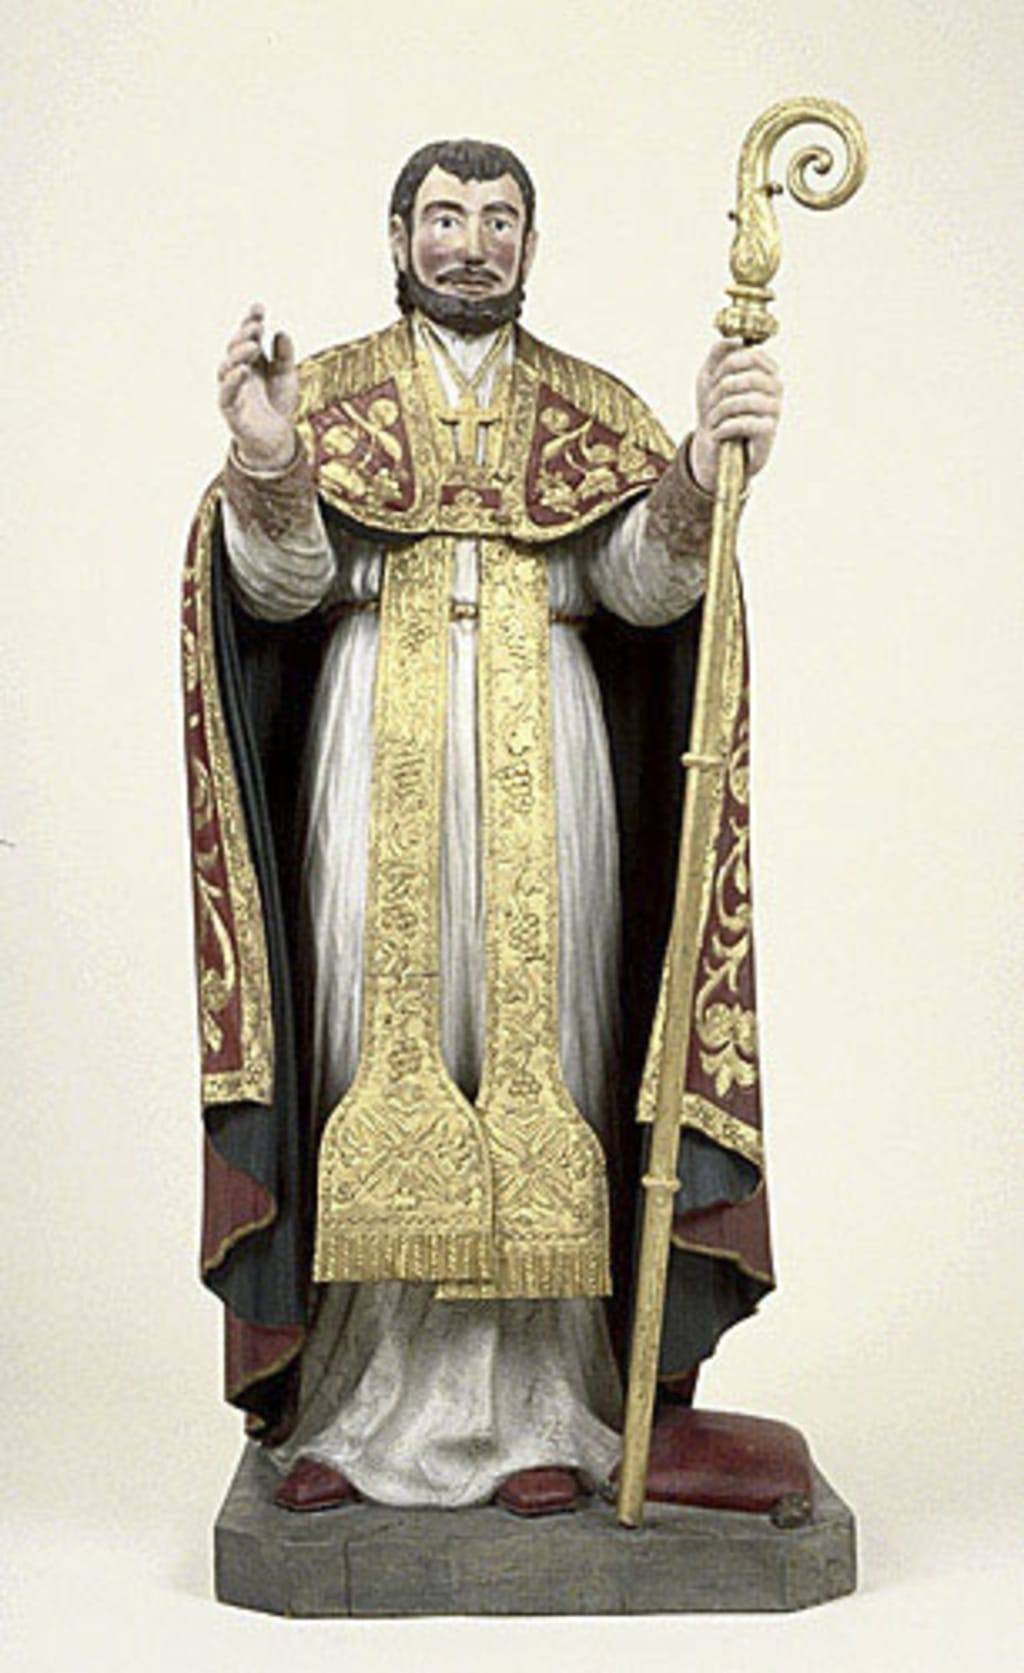 Saint Rémi de Reims